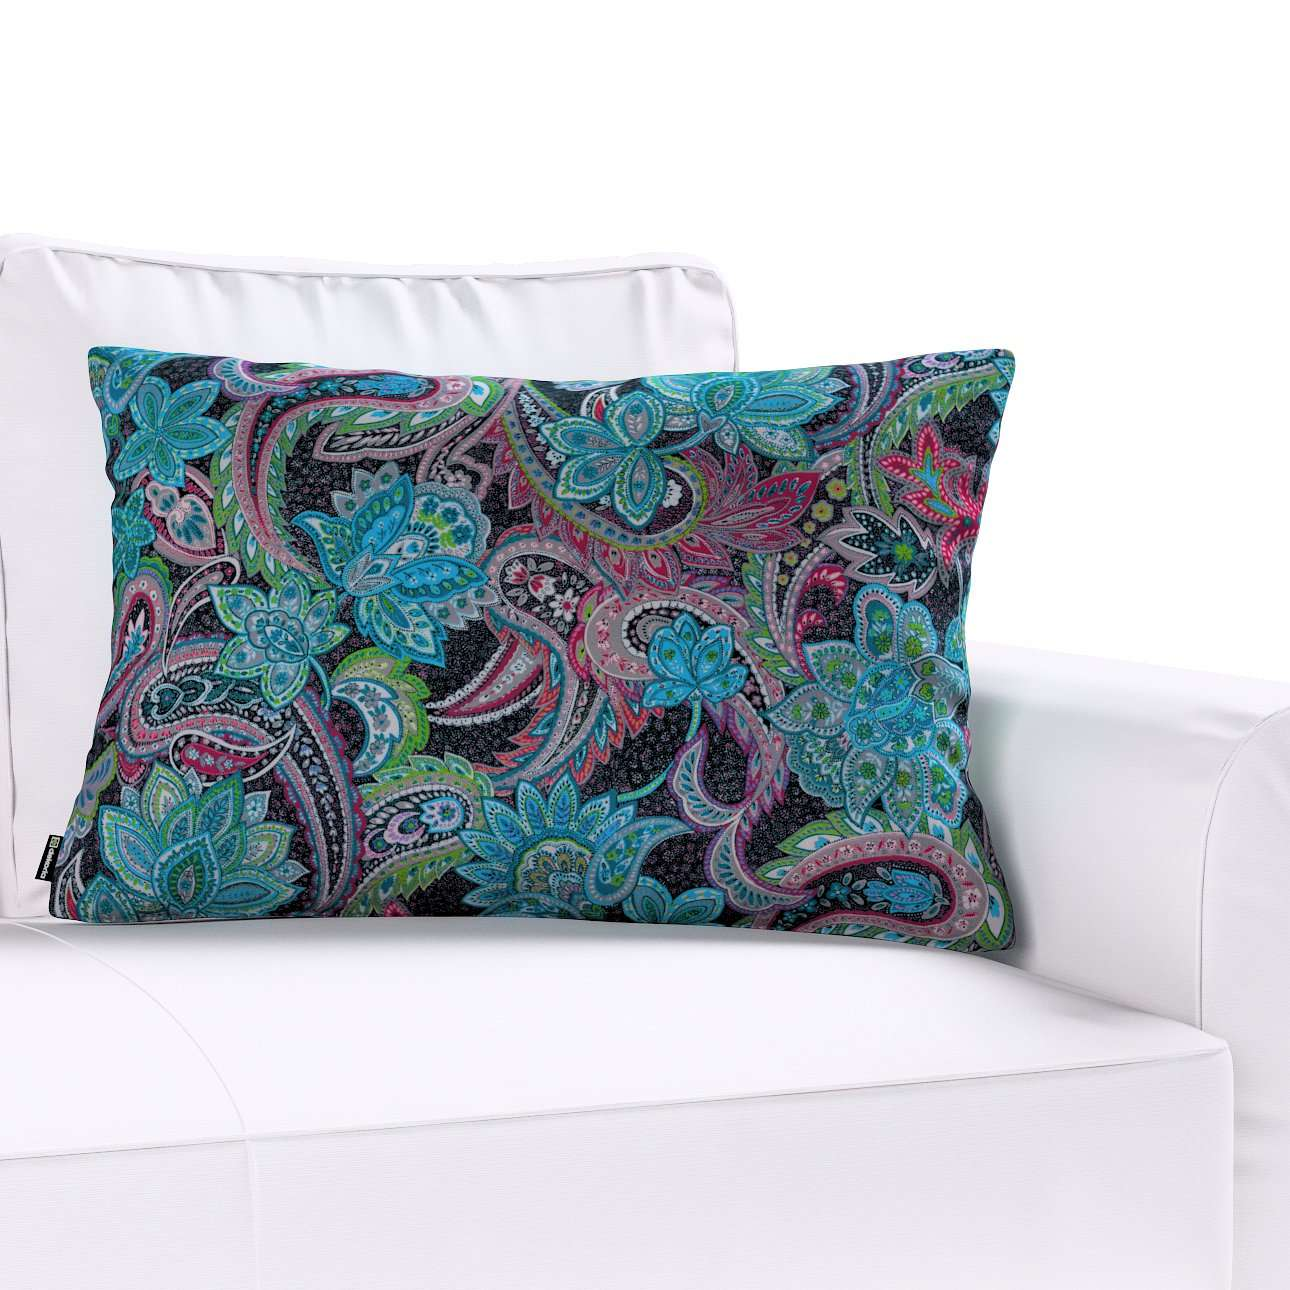 Poszewka Kinga na poduszkę prostokątną w kolekcji Velvet, tkanina: 704-22